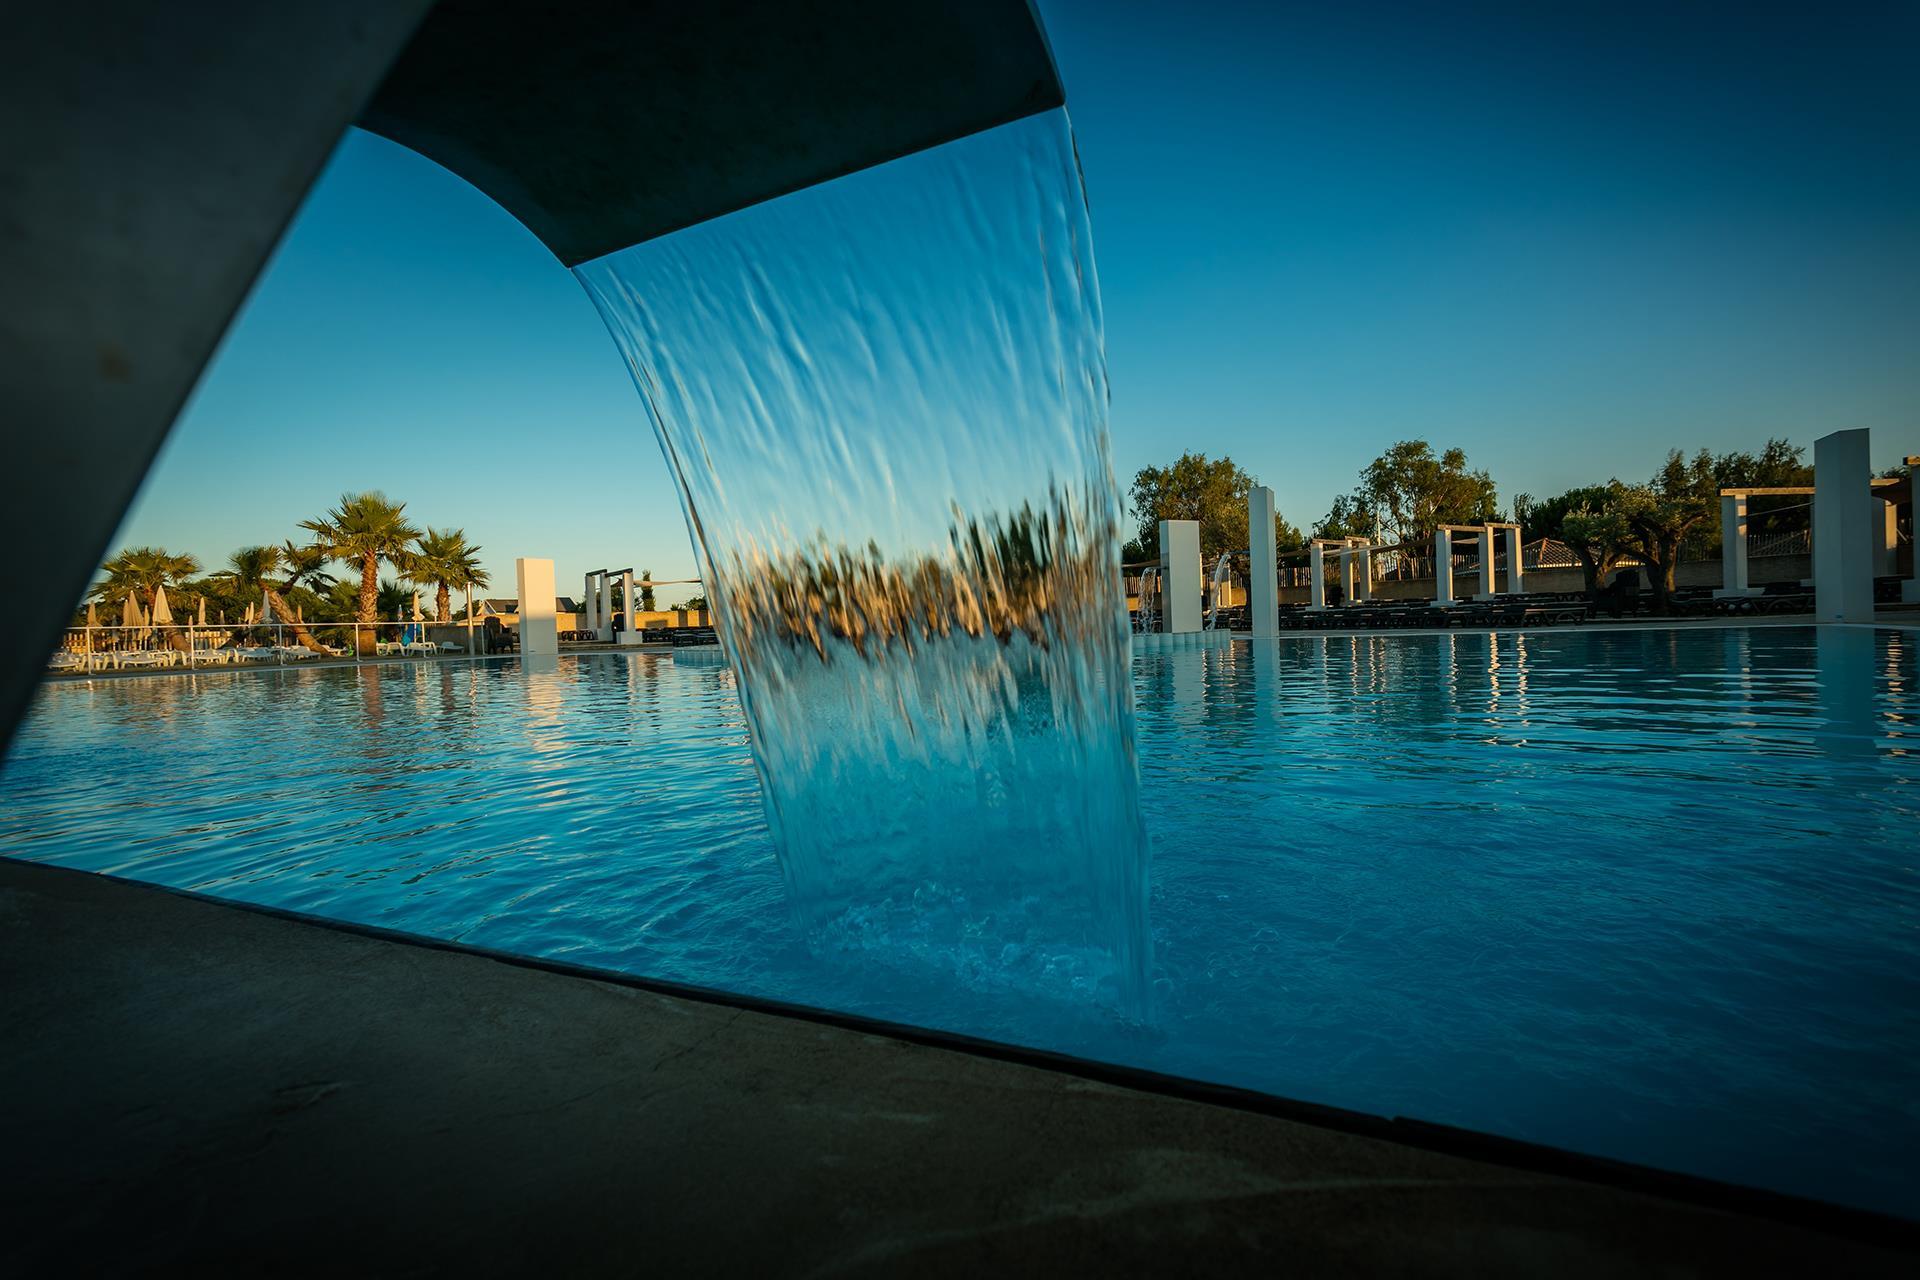 groot zwembad waterval palmbomen ontspannen